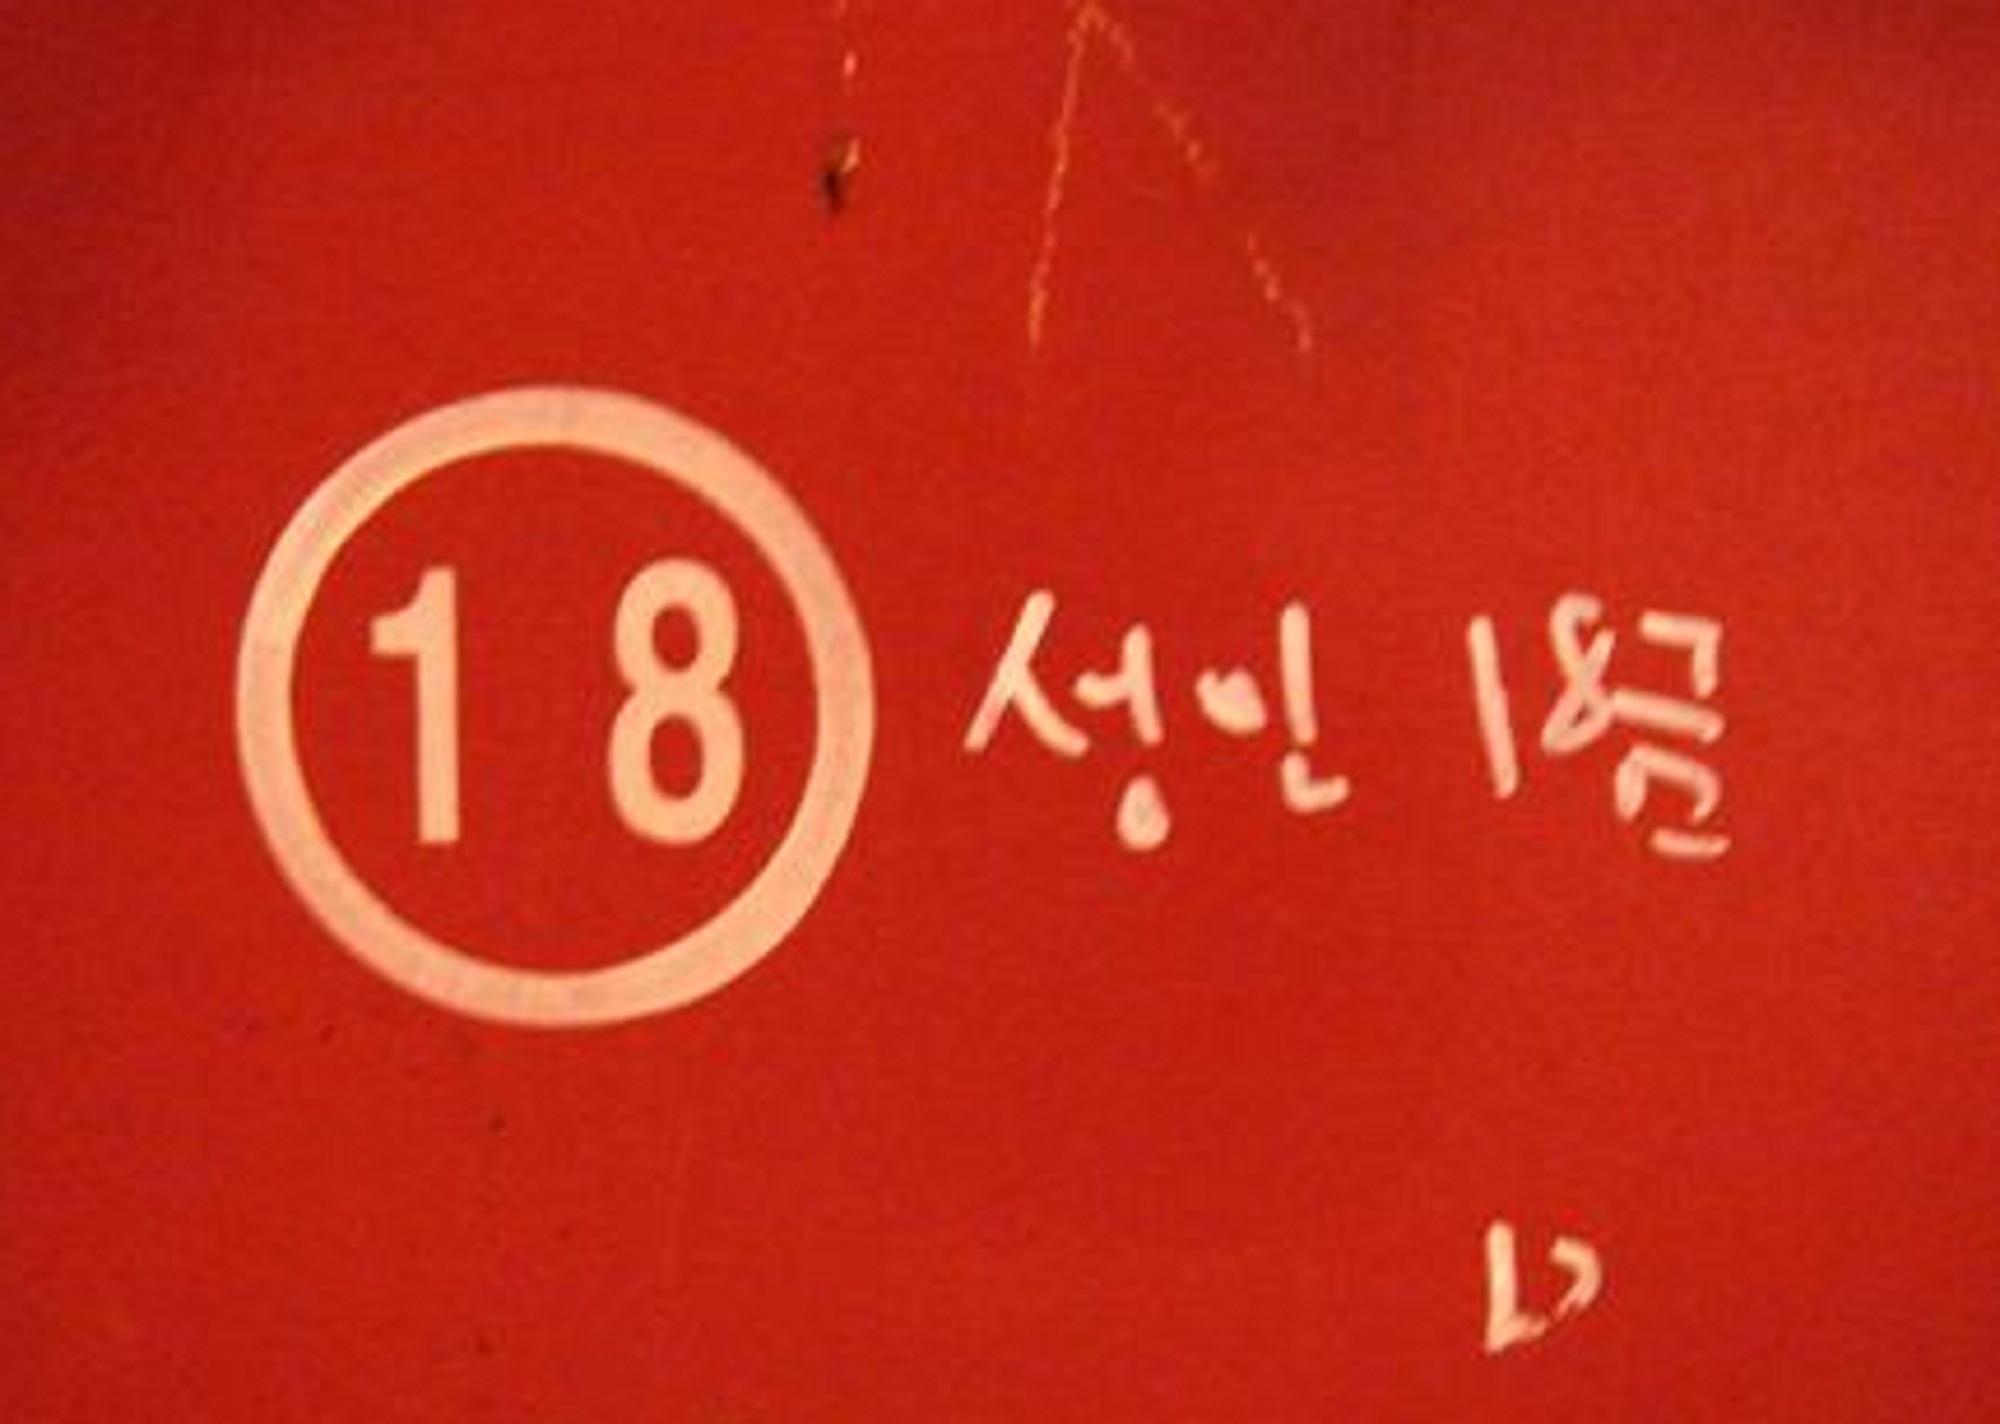 18+1금 이야기